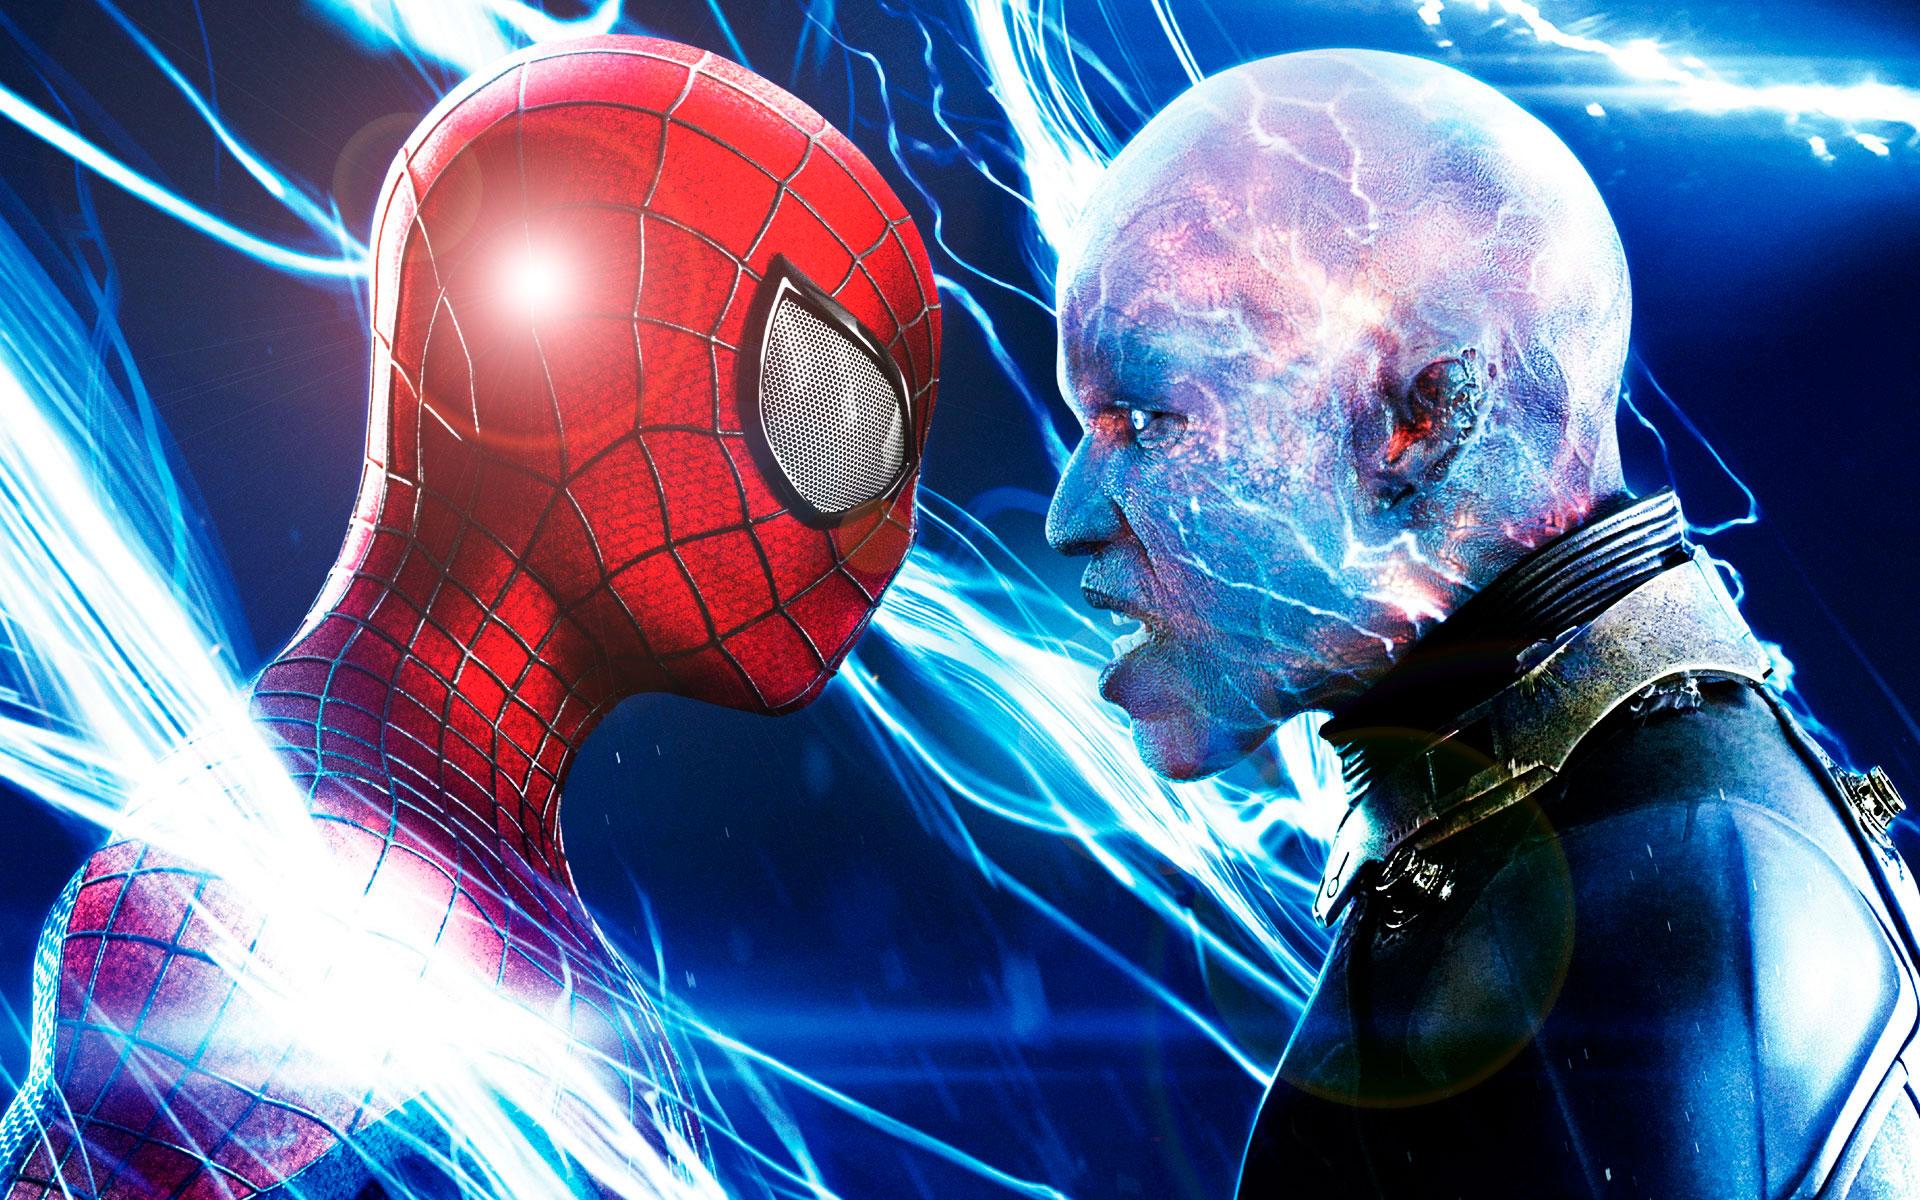 Obrazy Spiderman, zdj�...